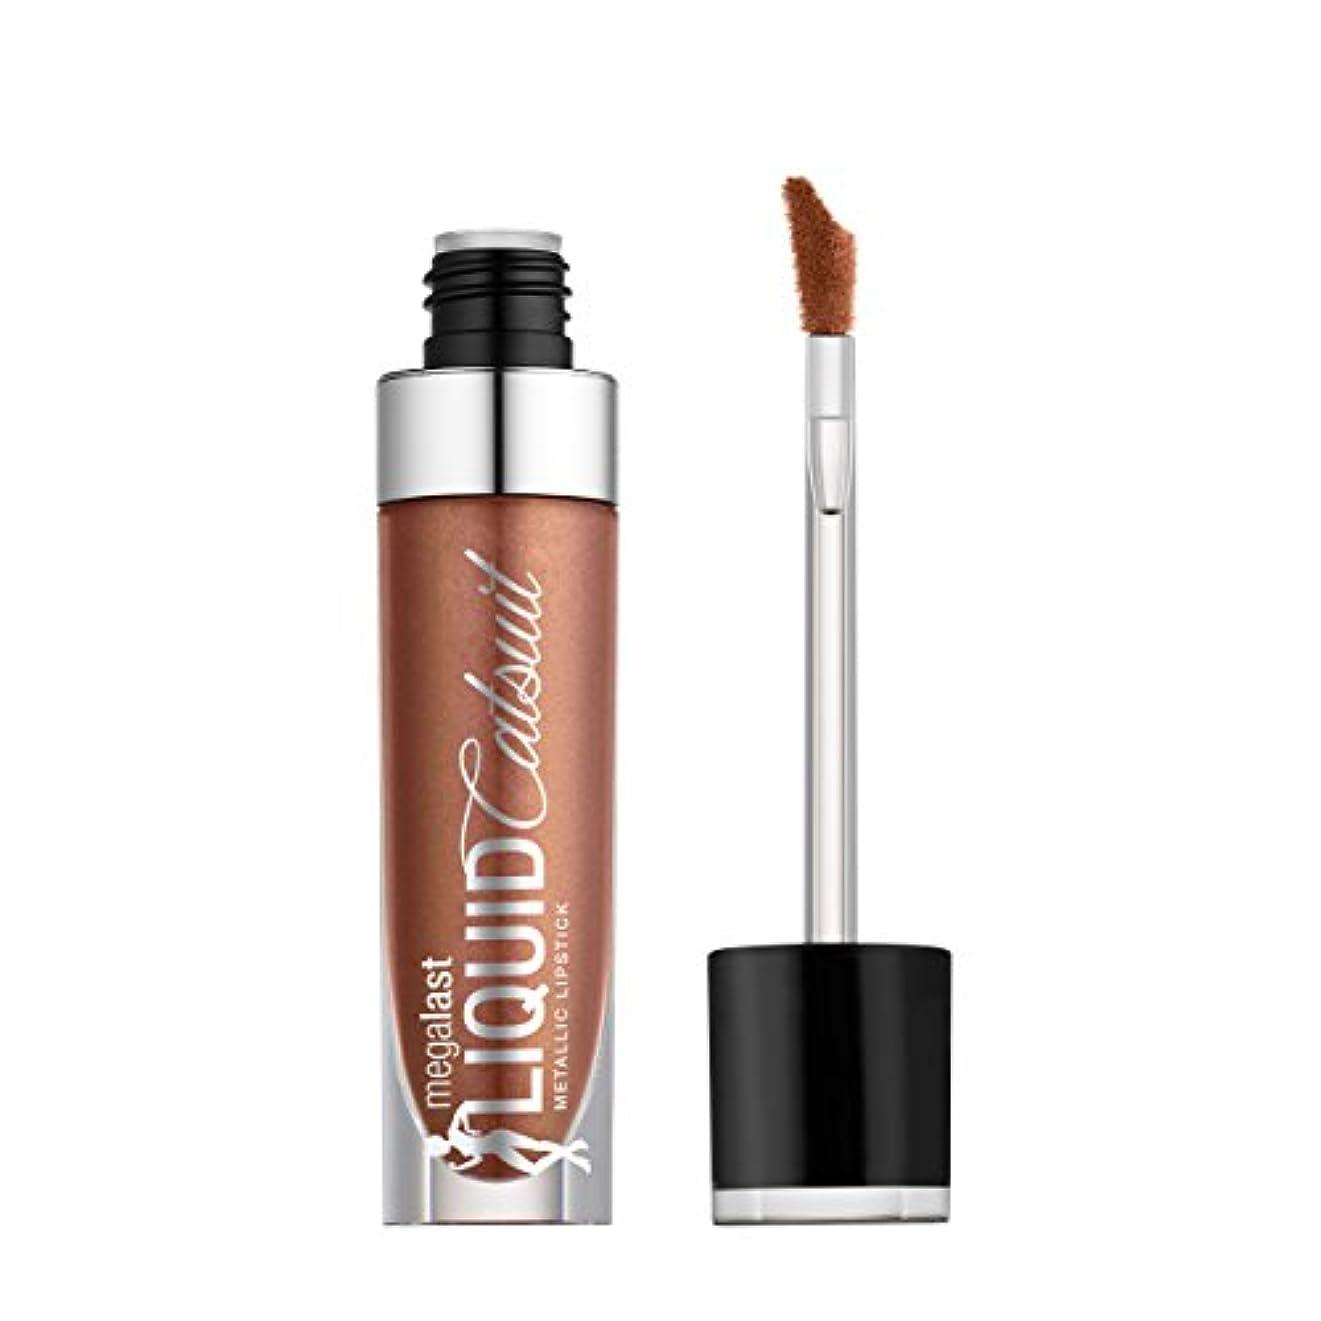 栄光価値眠るWET N WILD Megalast Liquid Catsuit Metallic Lipstick - Satin Sheets (並行輸入品)